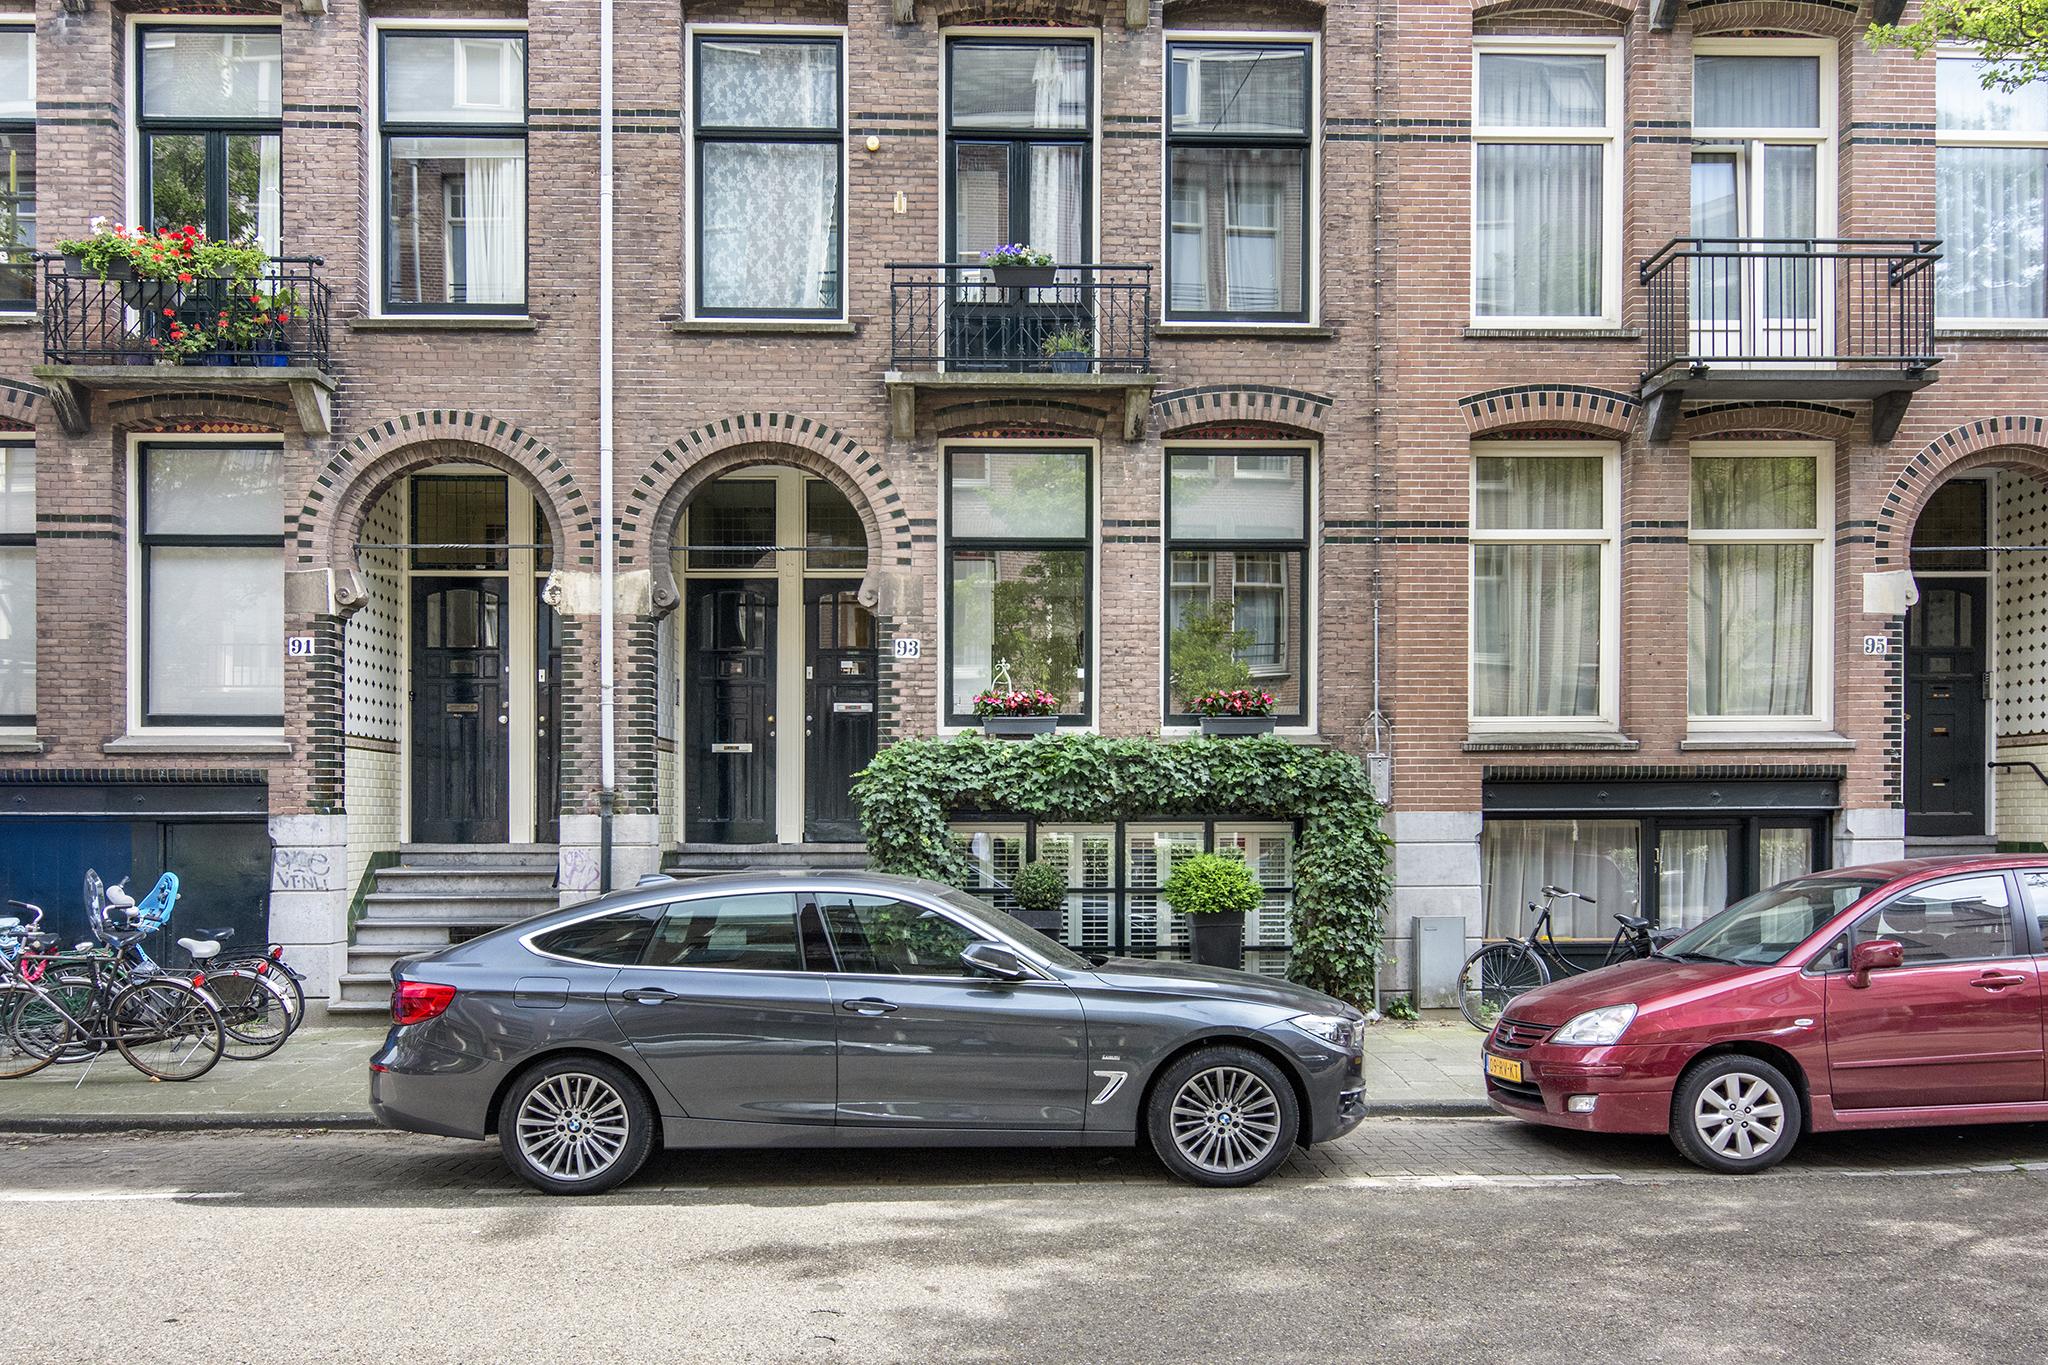 Ruysdaelstraat 93 H, Amsterdam